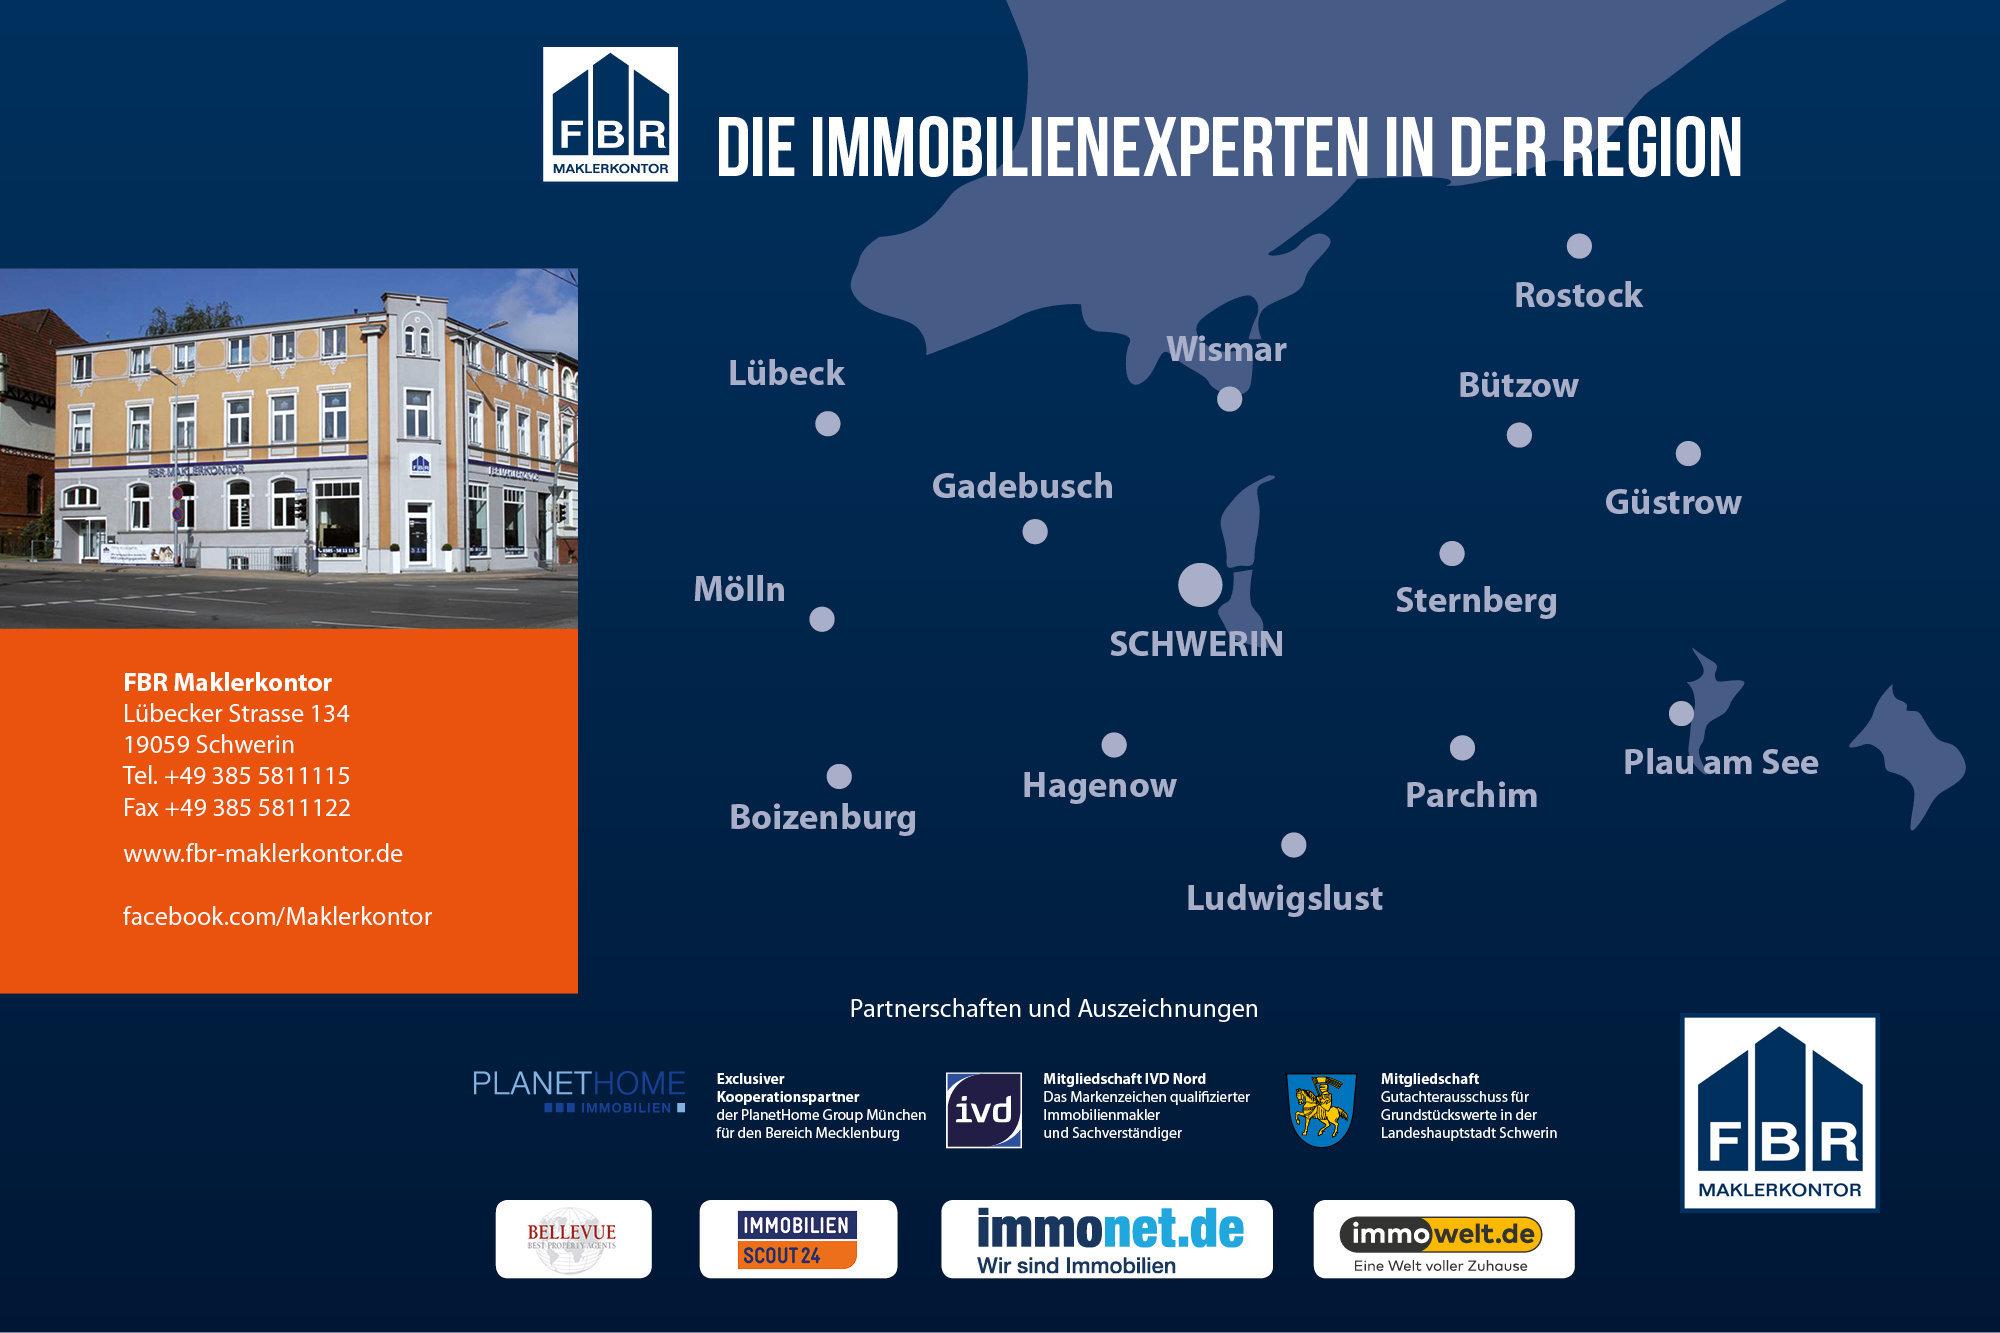 FBR - Ihr Makler in der Region 2gebiet_Anhang